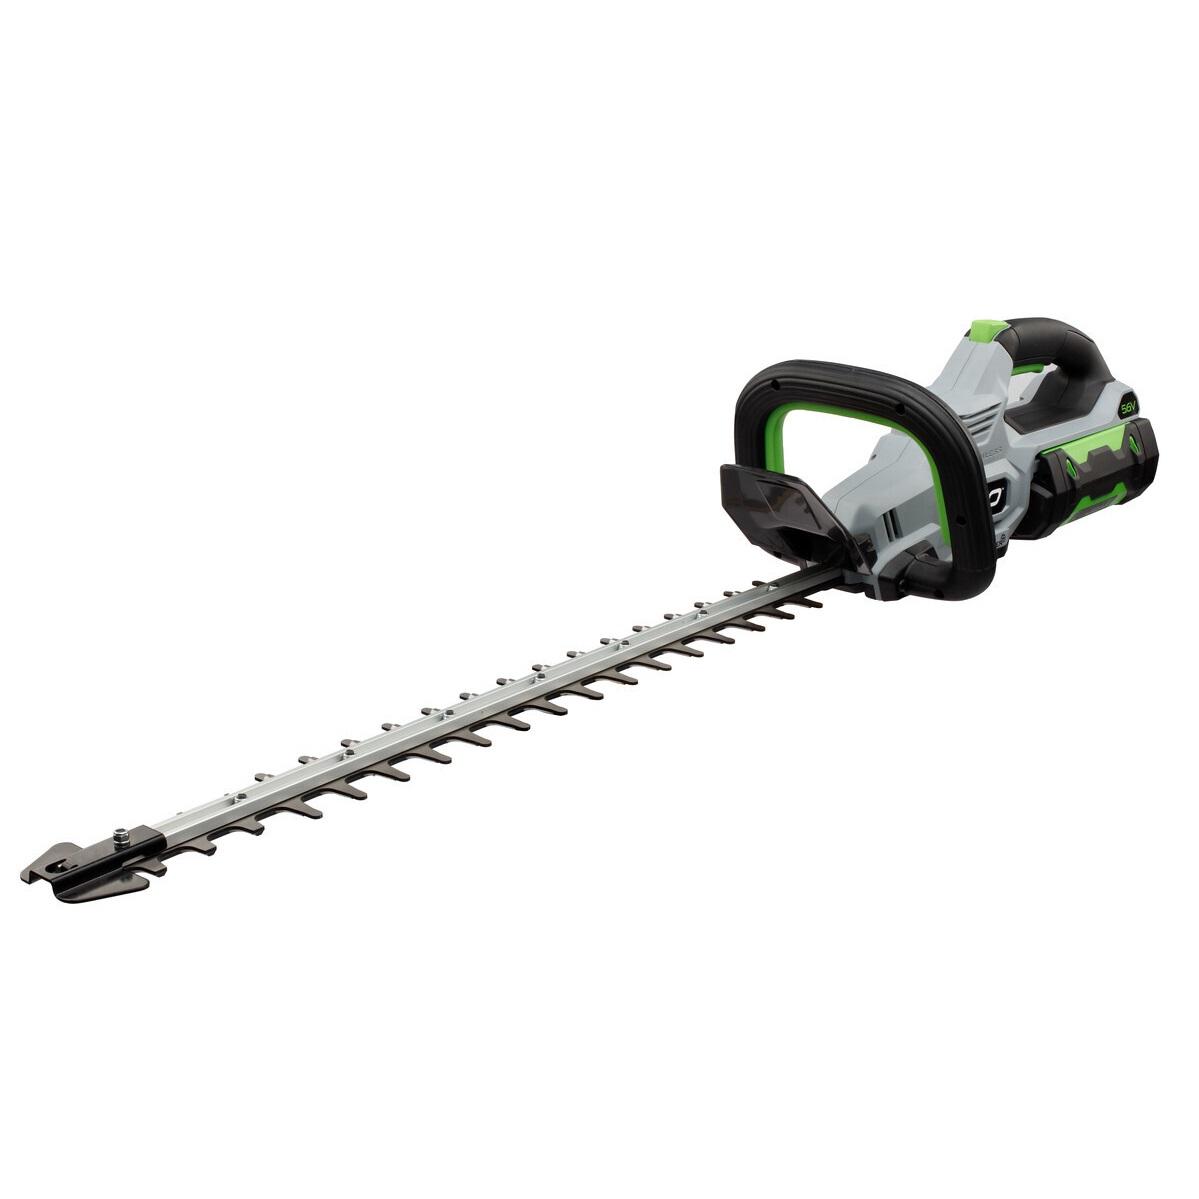 EGO Aku nůžky na živý plot HT2410E EGO G80026 L-11